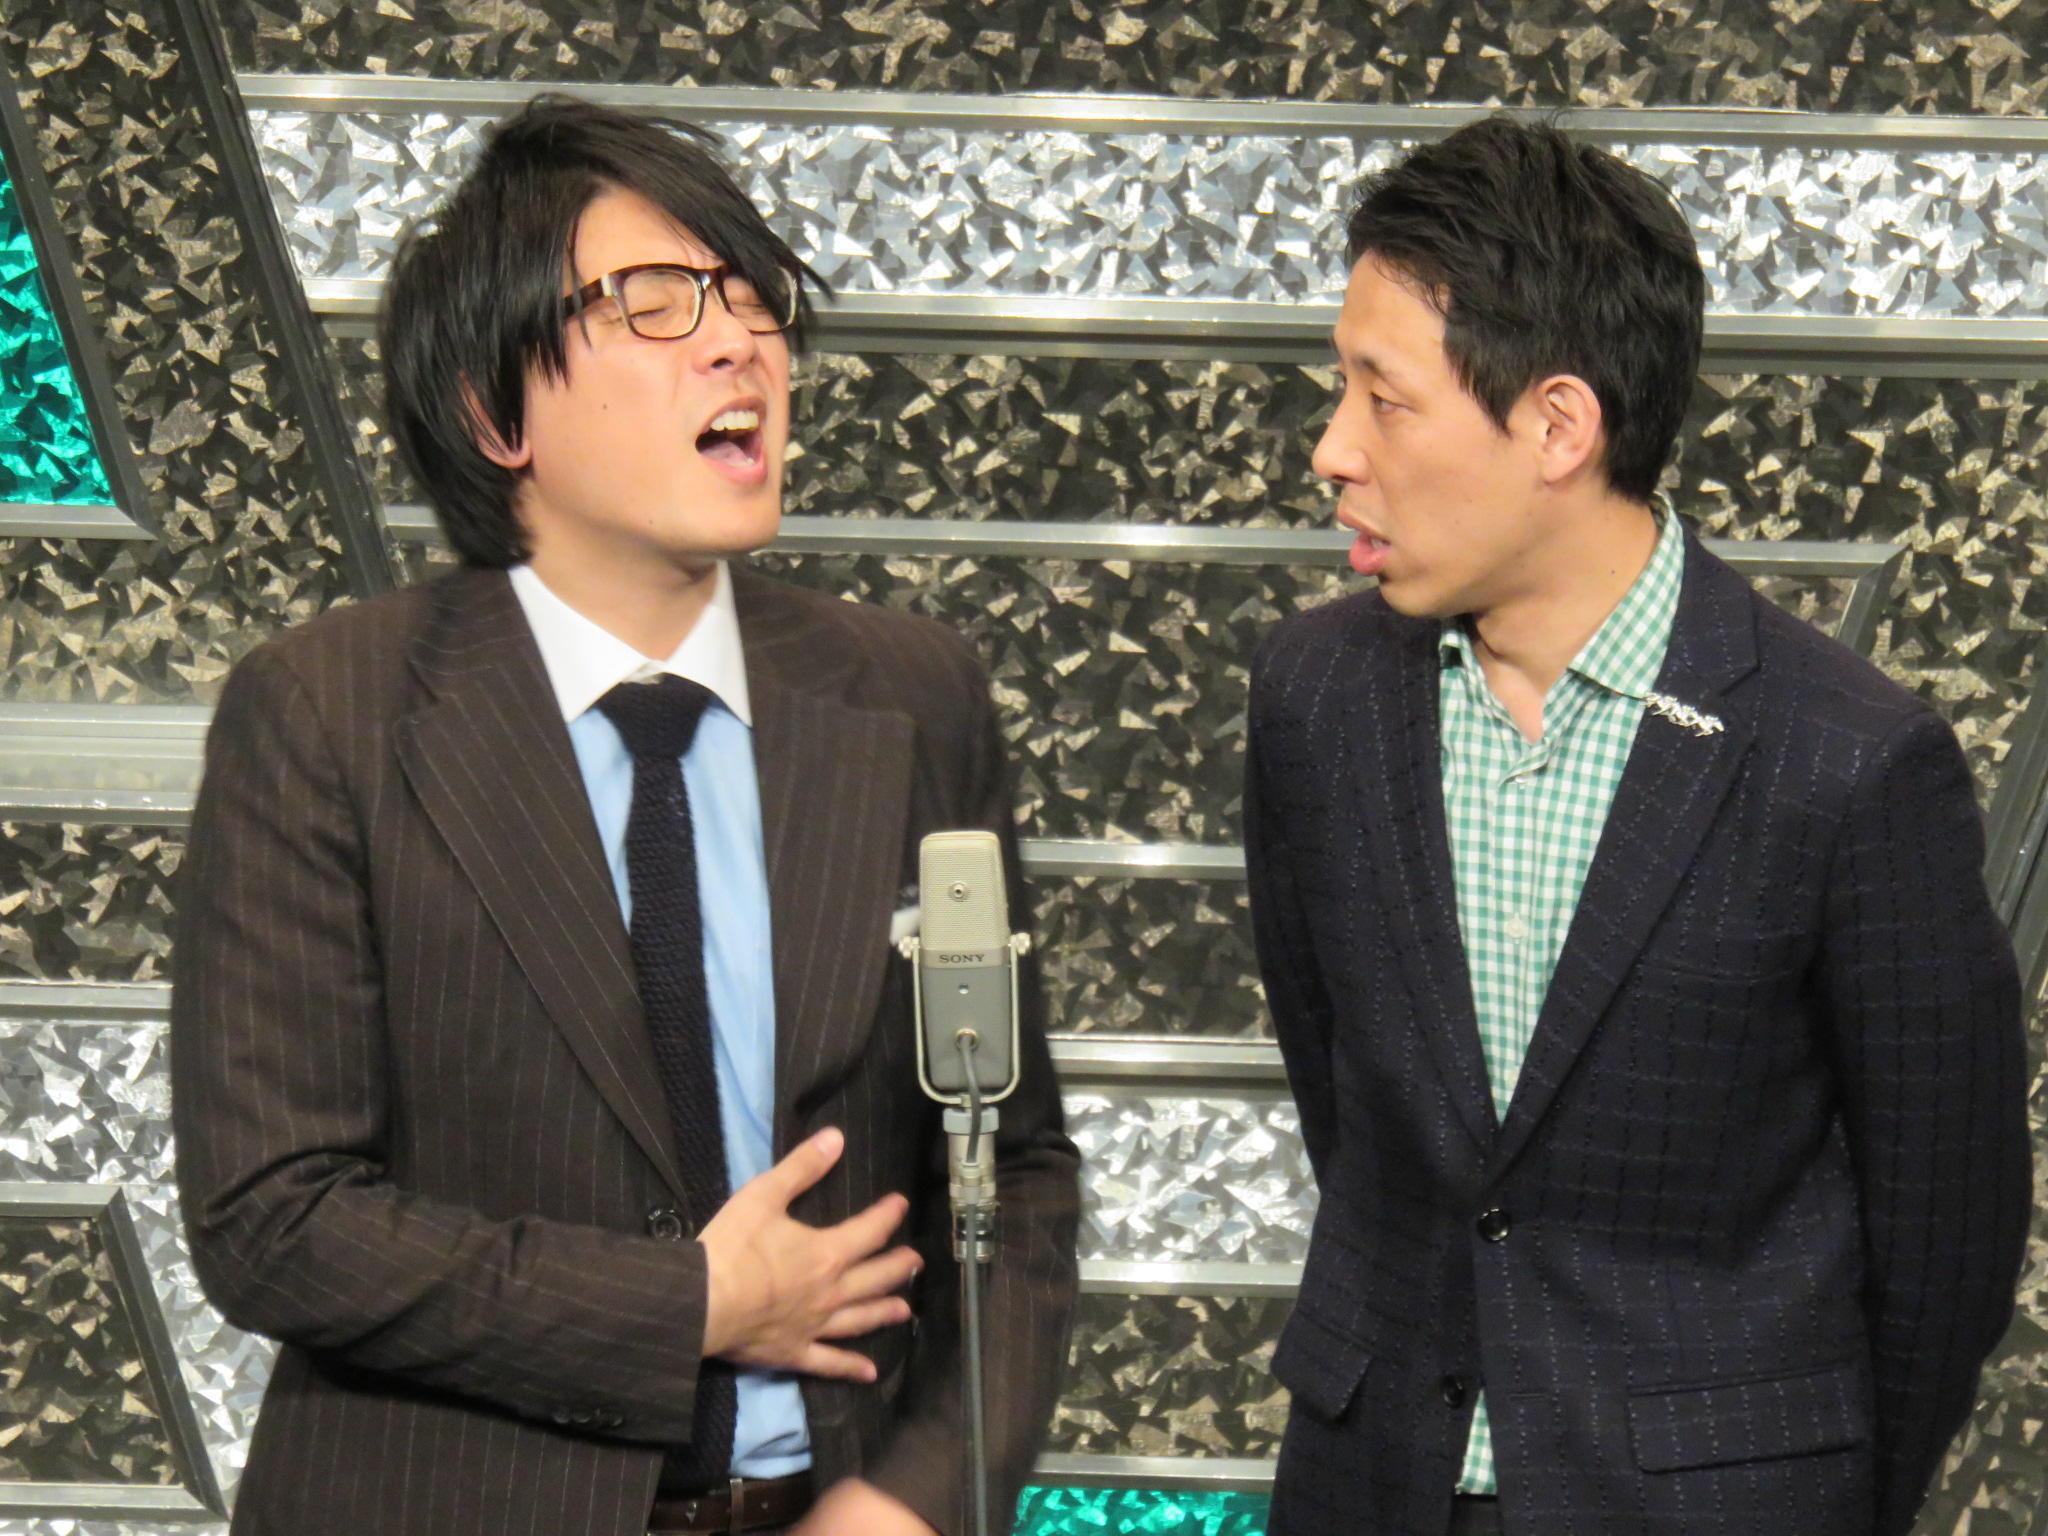 http://news.yoshimoto.co.jp/20161228213227-e7dc7b72bb7670d6647460dadbad8c2635cc4b2d.jpg